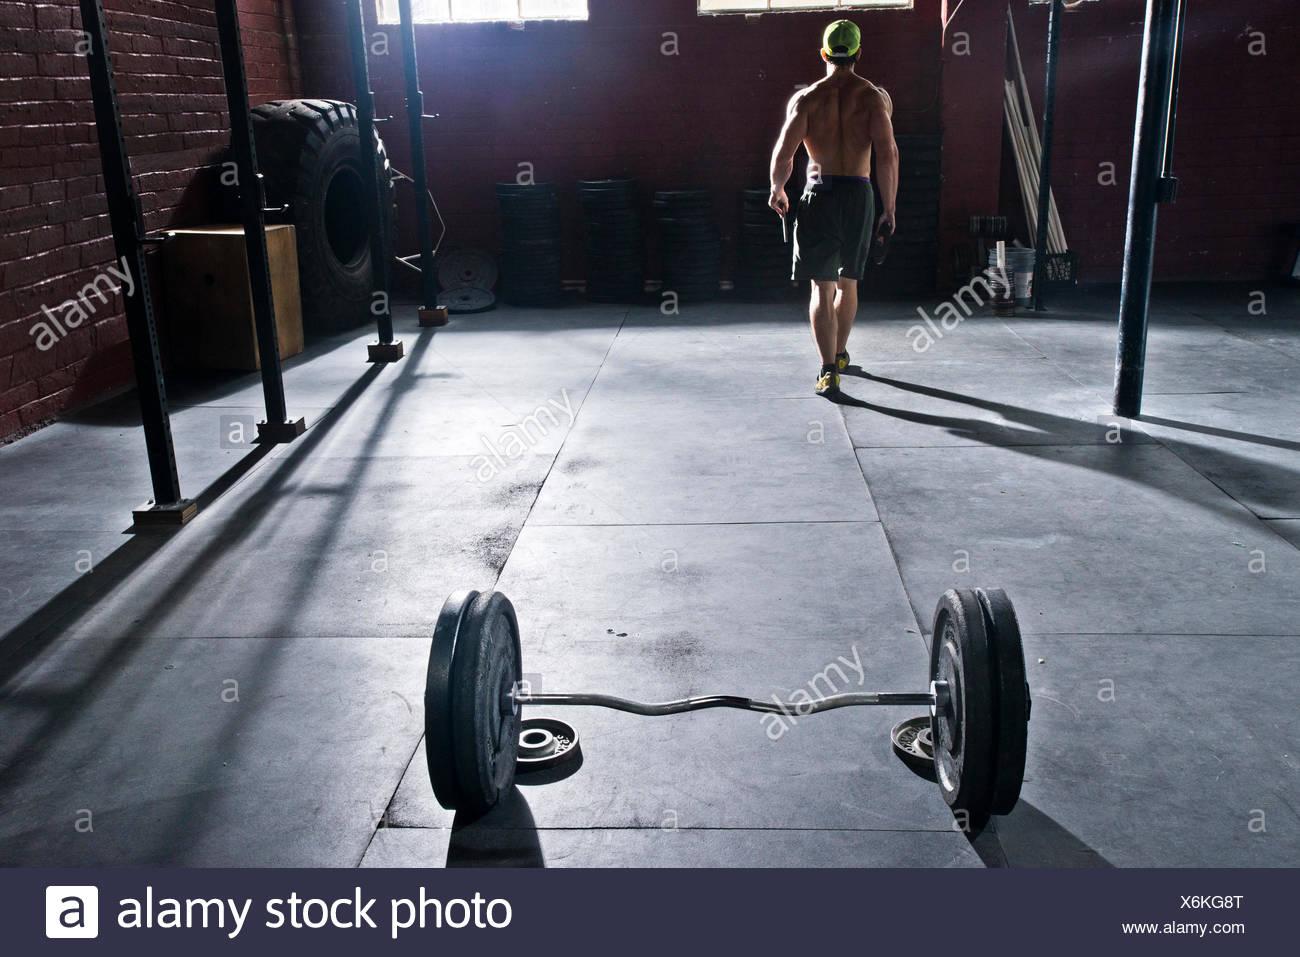 Un athlète crossfit poids ses casiers après l'entraînement. Photo Stock